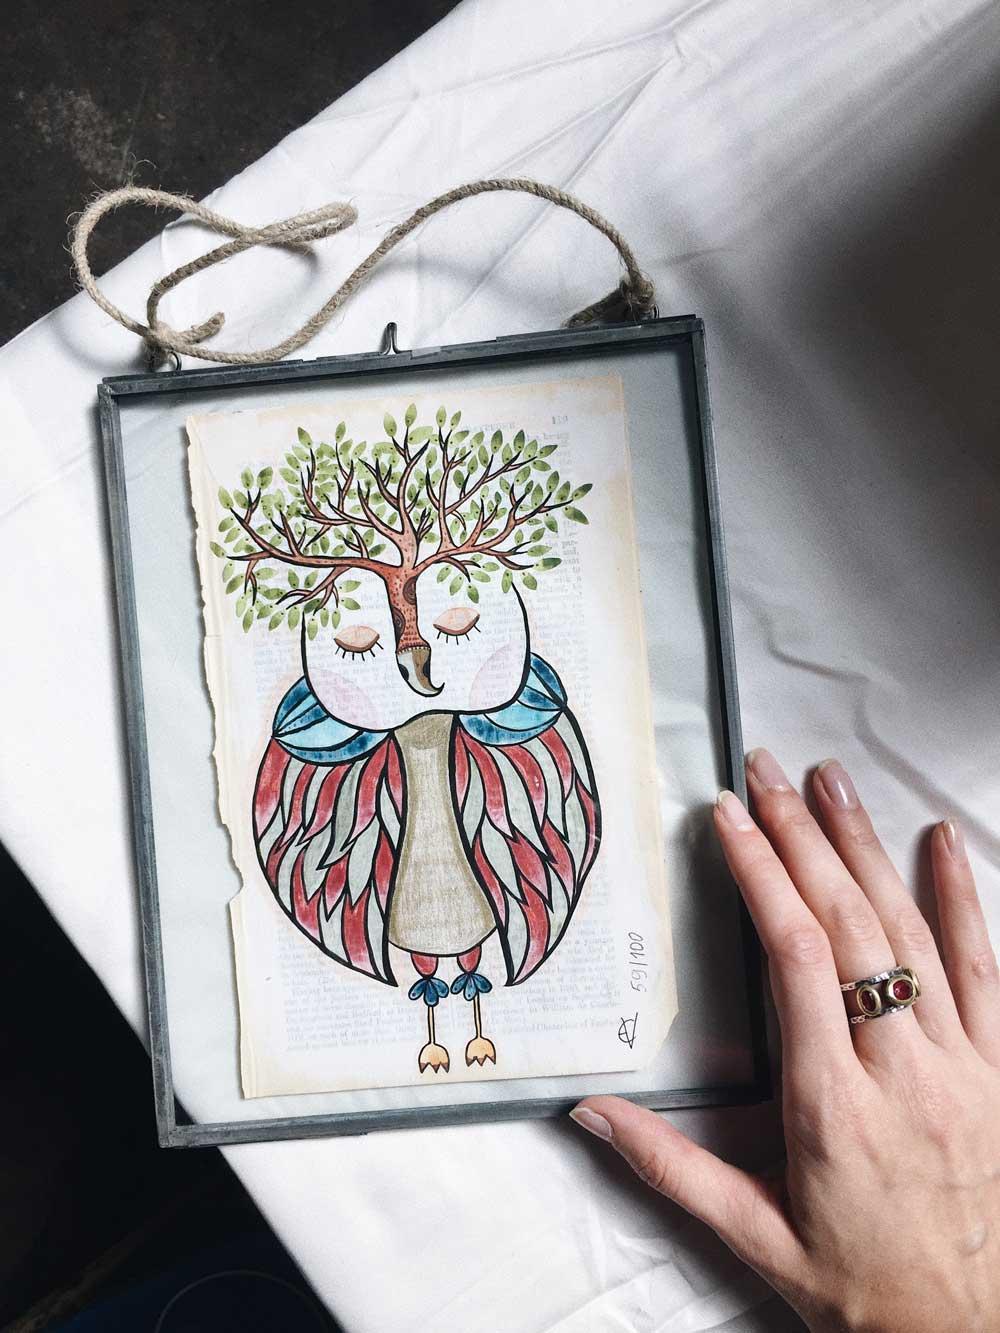 spring-bloom-book-page-painting-framed-eve-devore-59.jpg